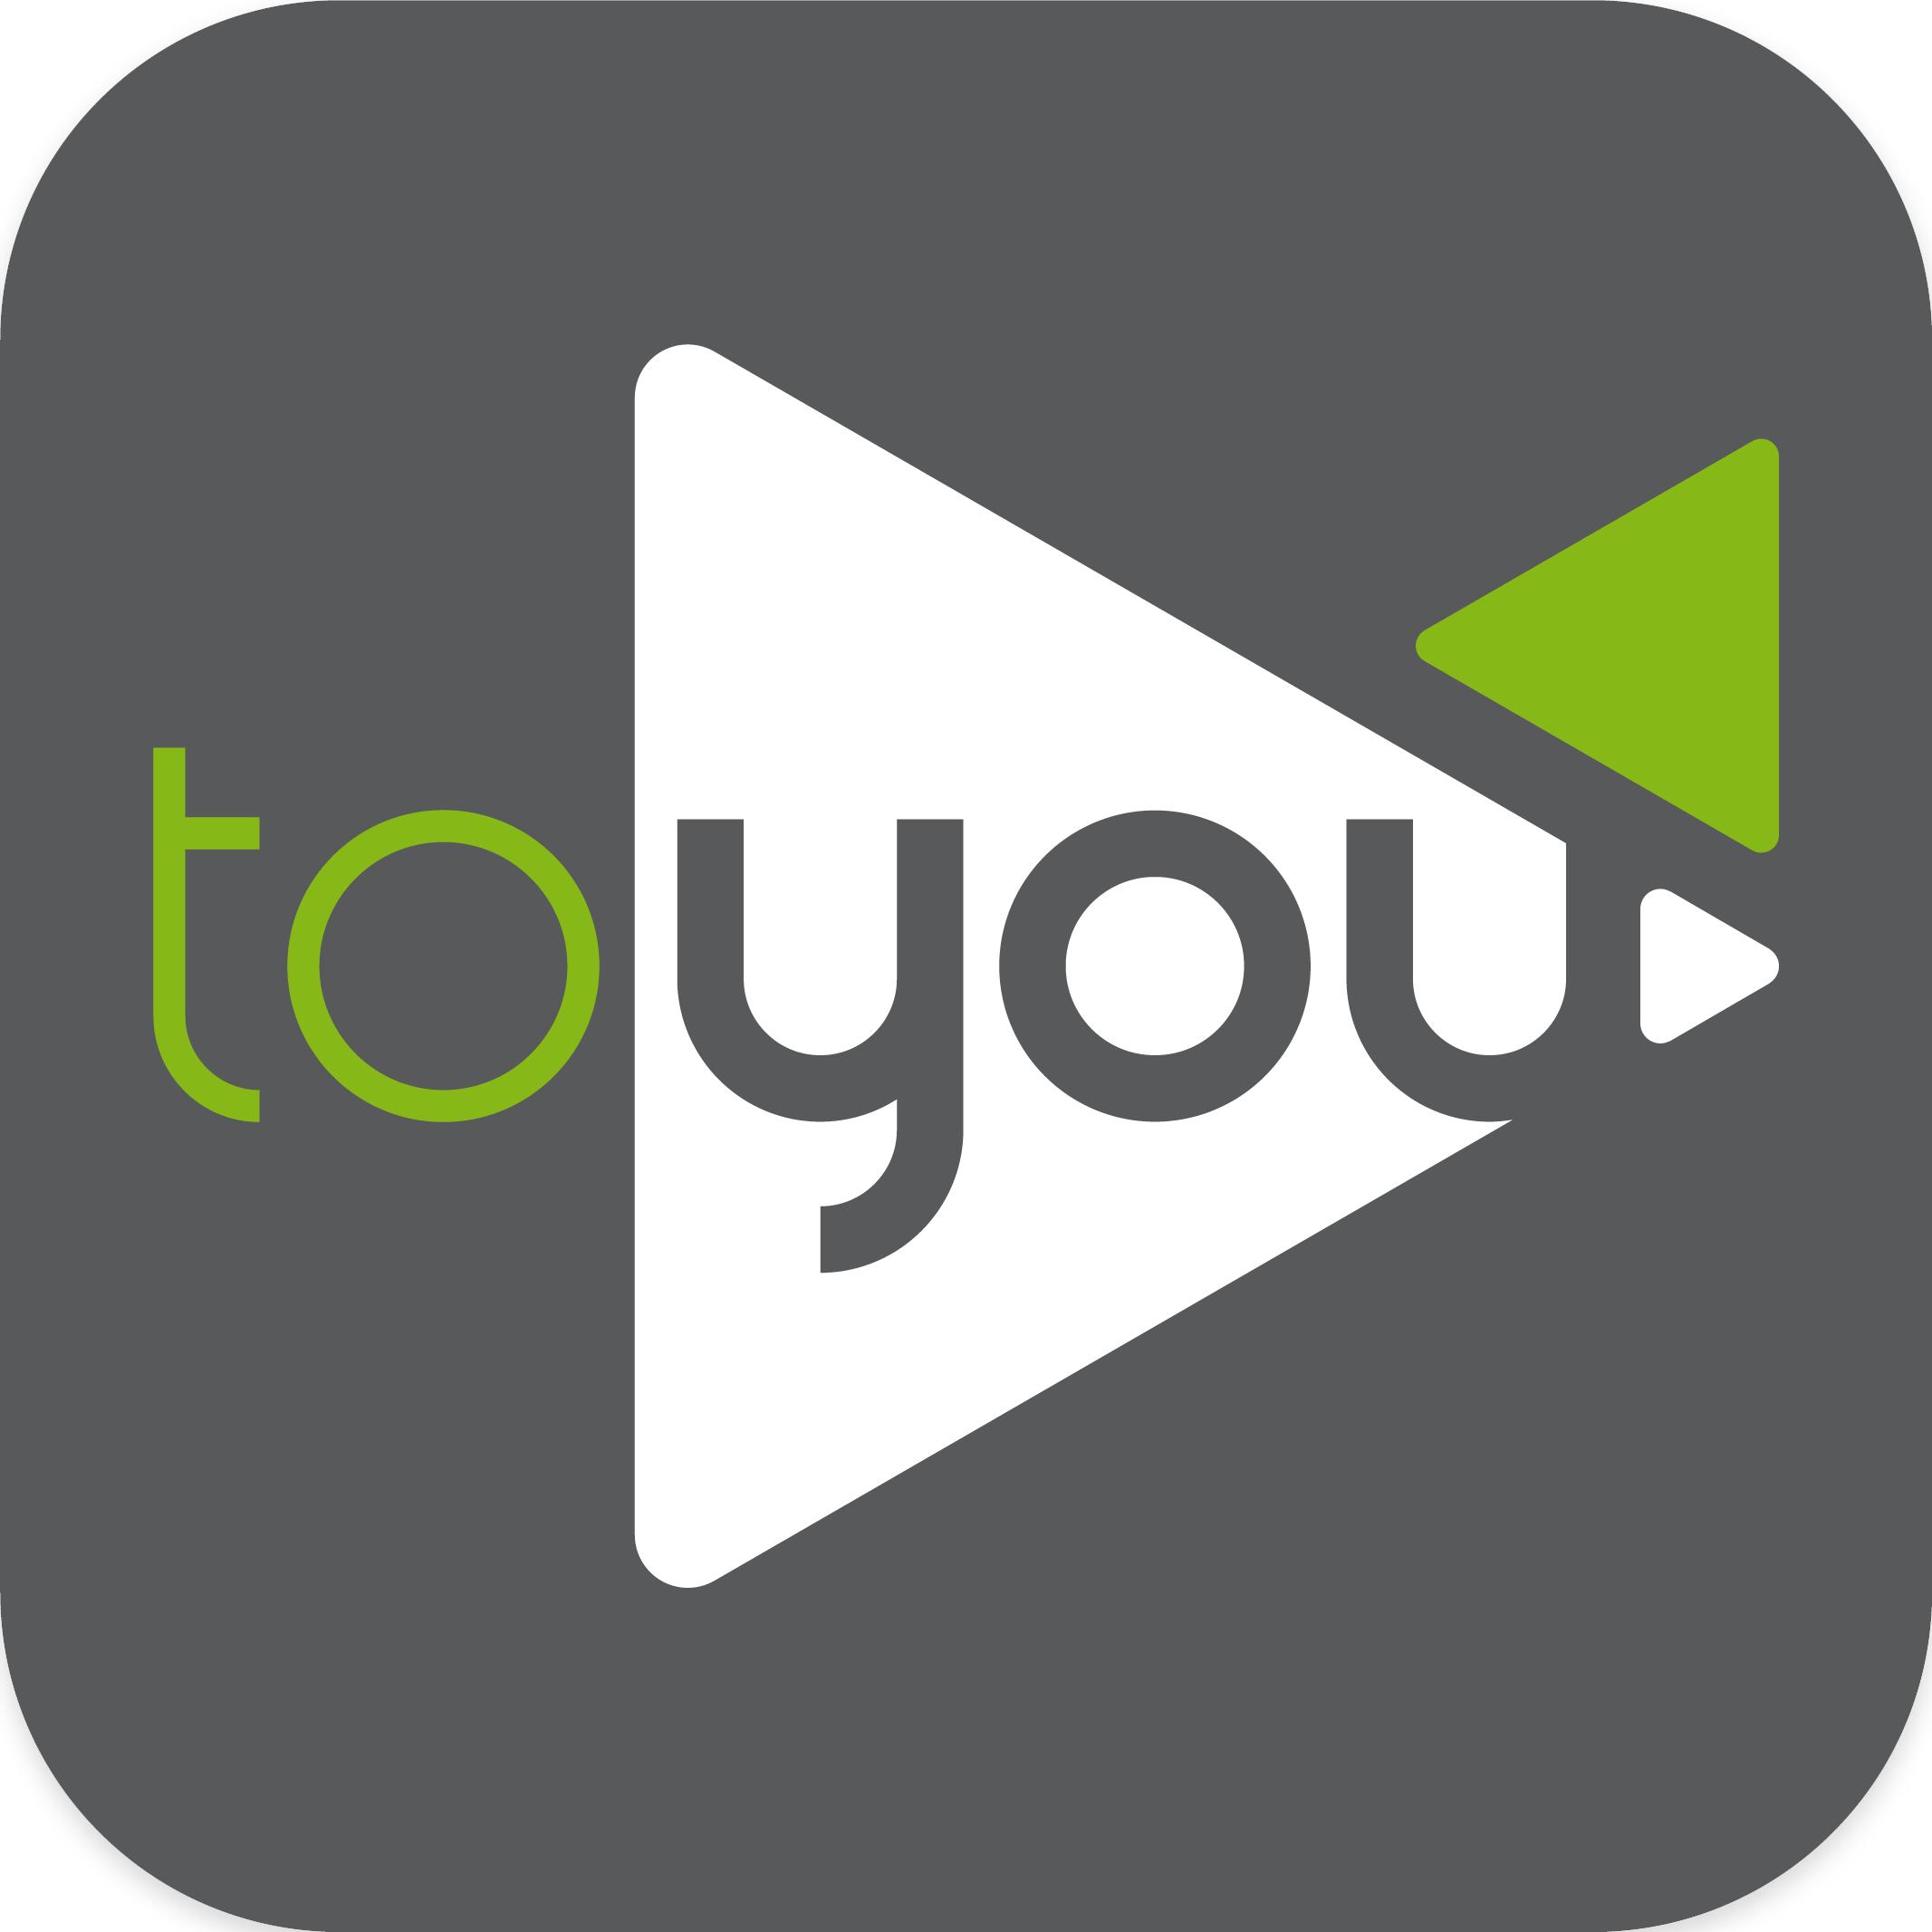 (c) Toyou.co.uk